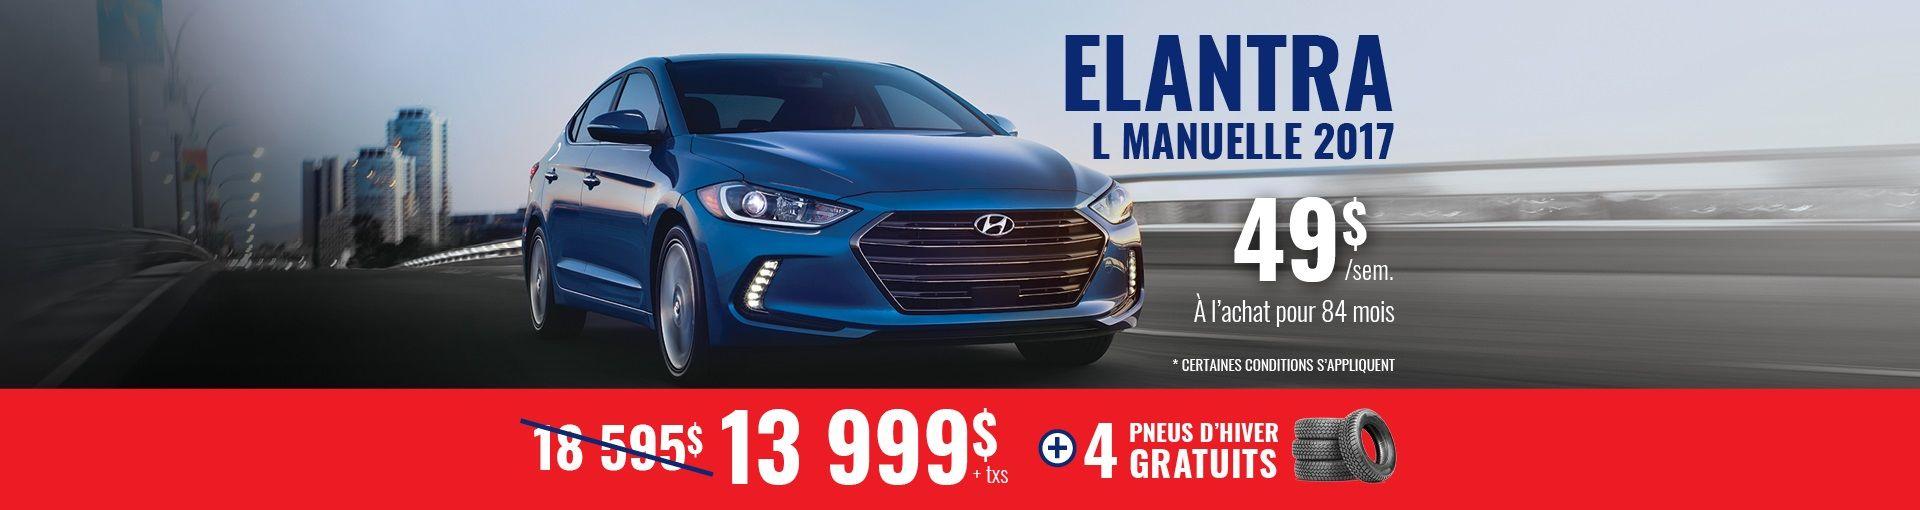 Elantra L manuelle 2017 Promo Hyundai Casavant St-Hyacinthe